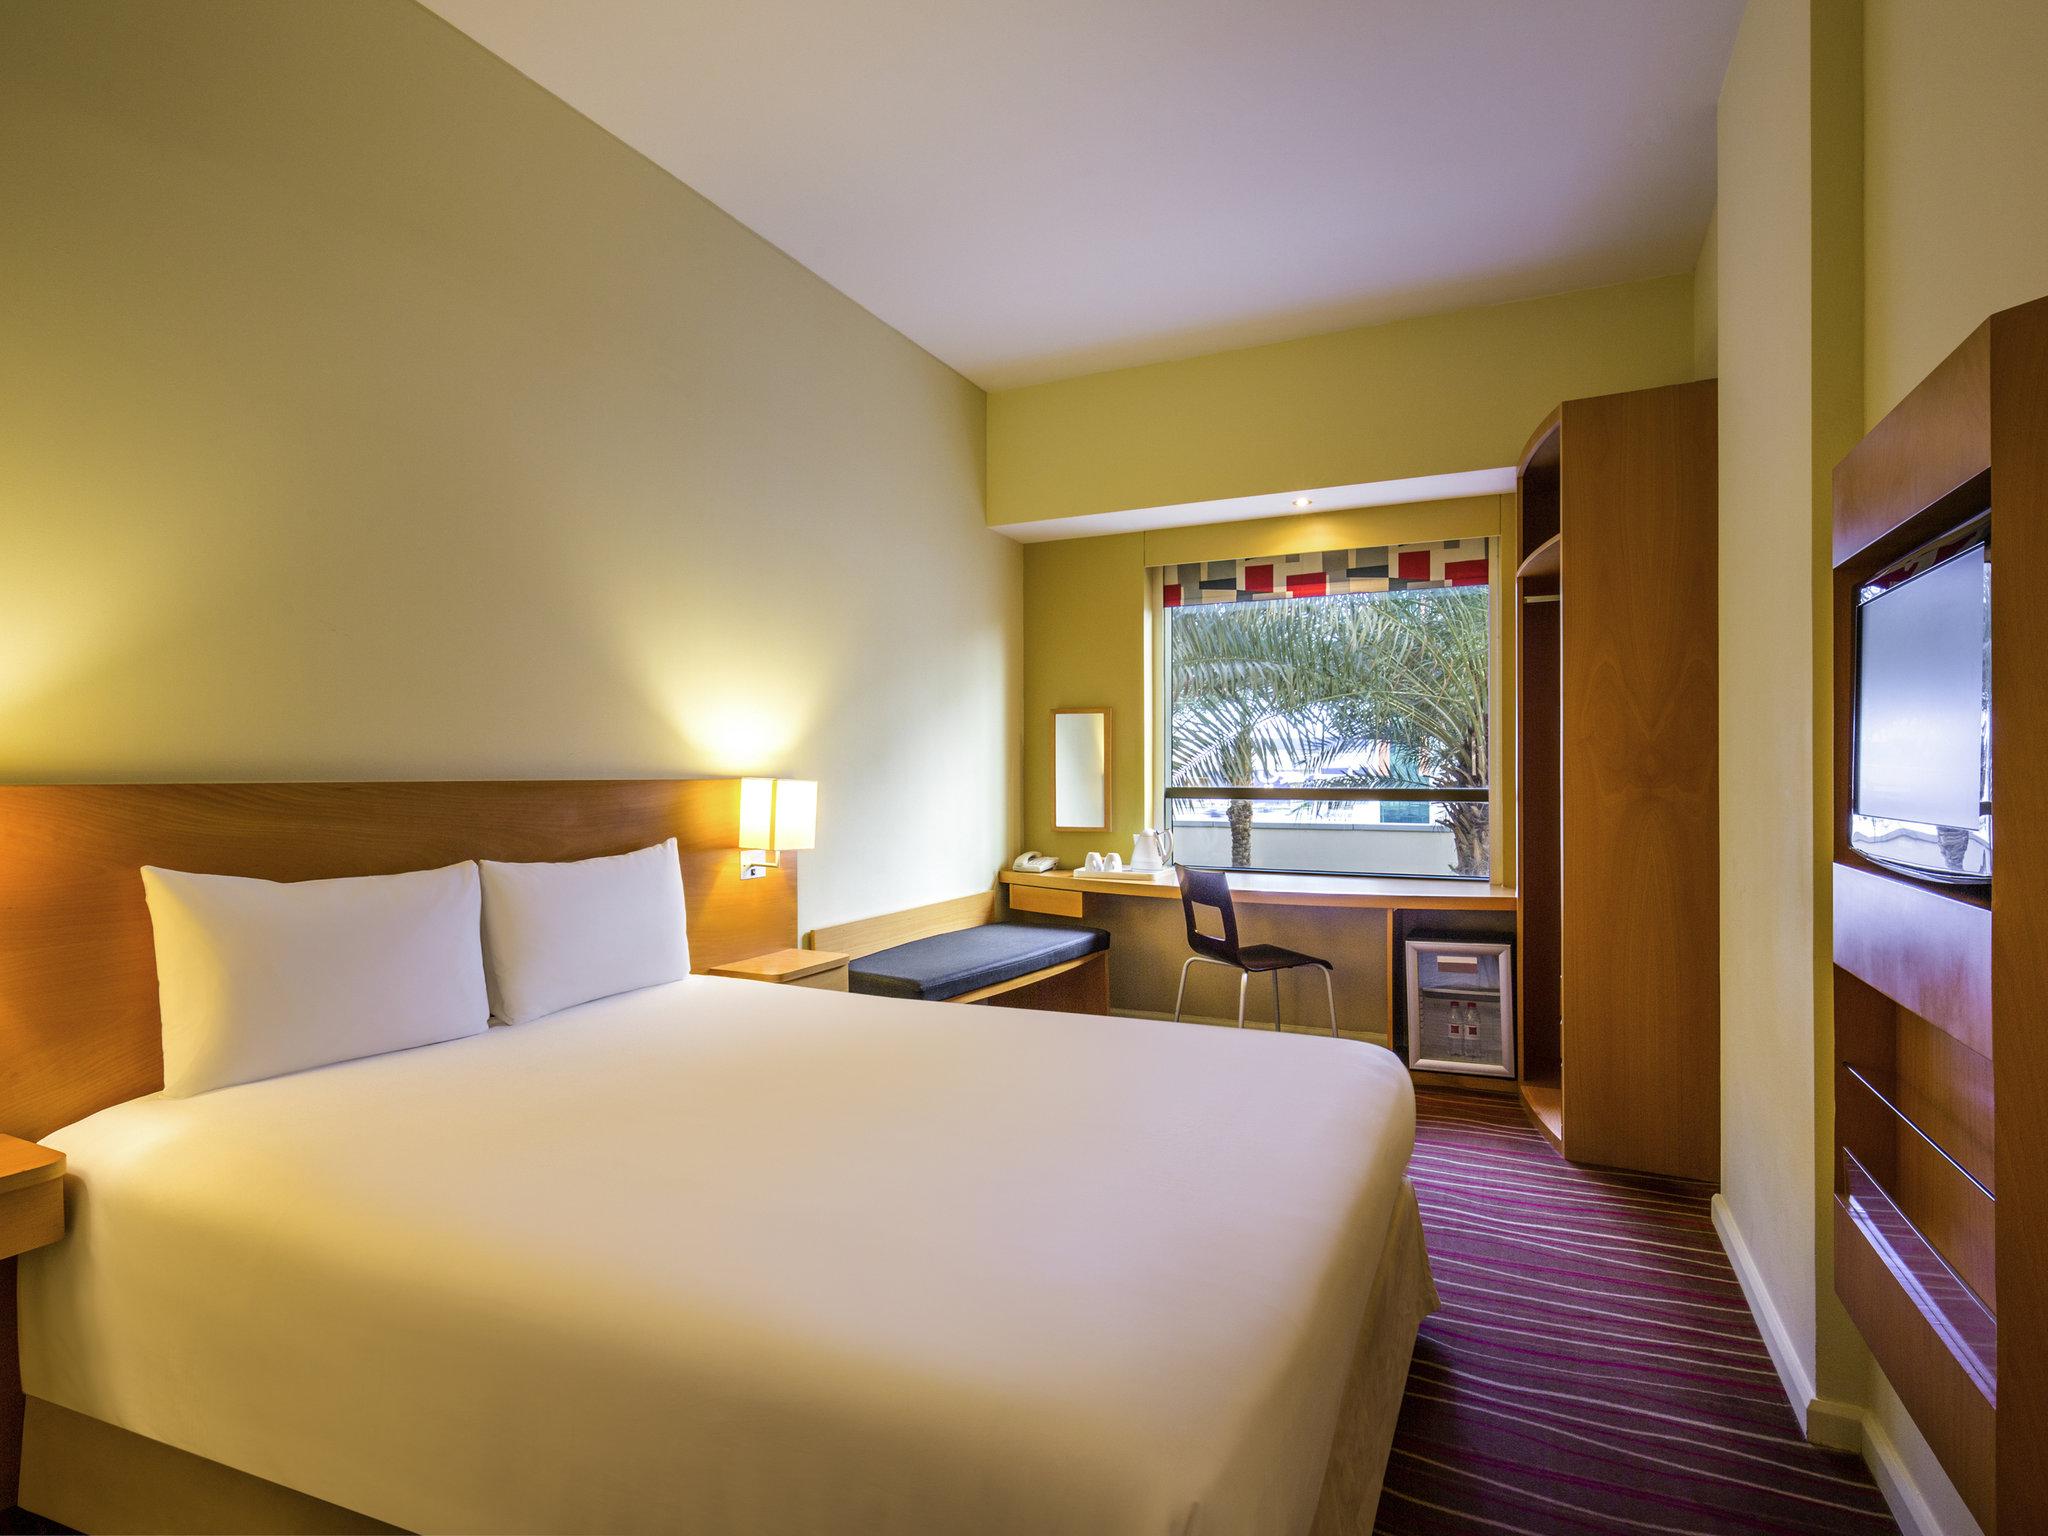 โรงแรม – ไอบิส ดูไบ มอลล์ ออฟ ดิ เอมิเรตส์